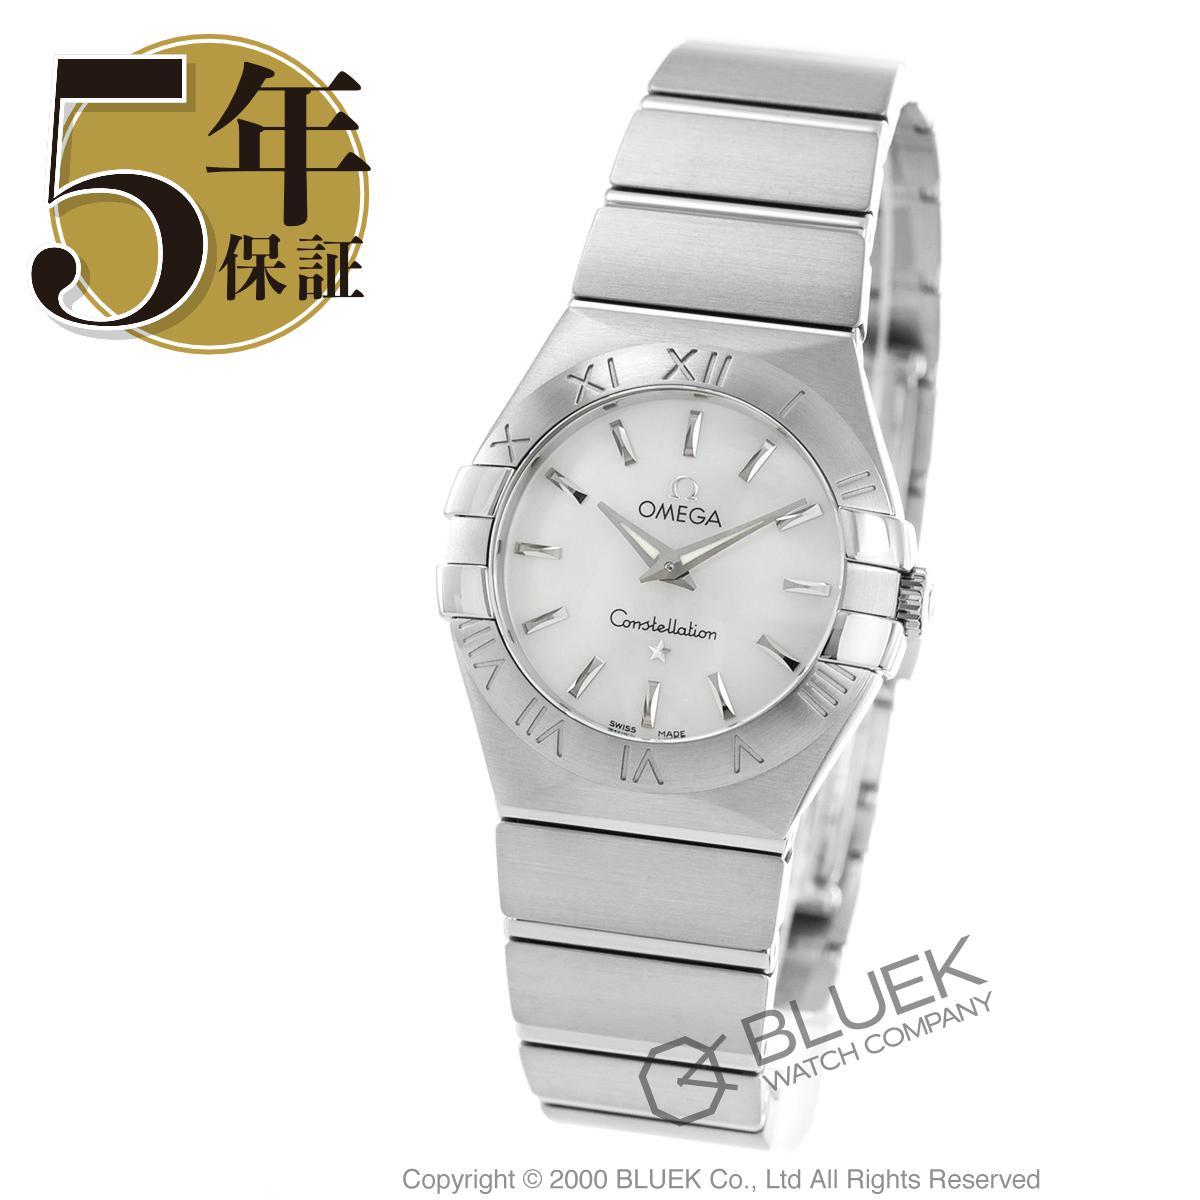 腕時計, レディース腕時計  OMEGA 123.10.27.60.05.0015